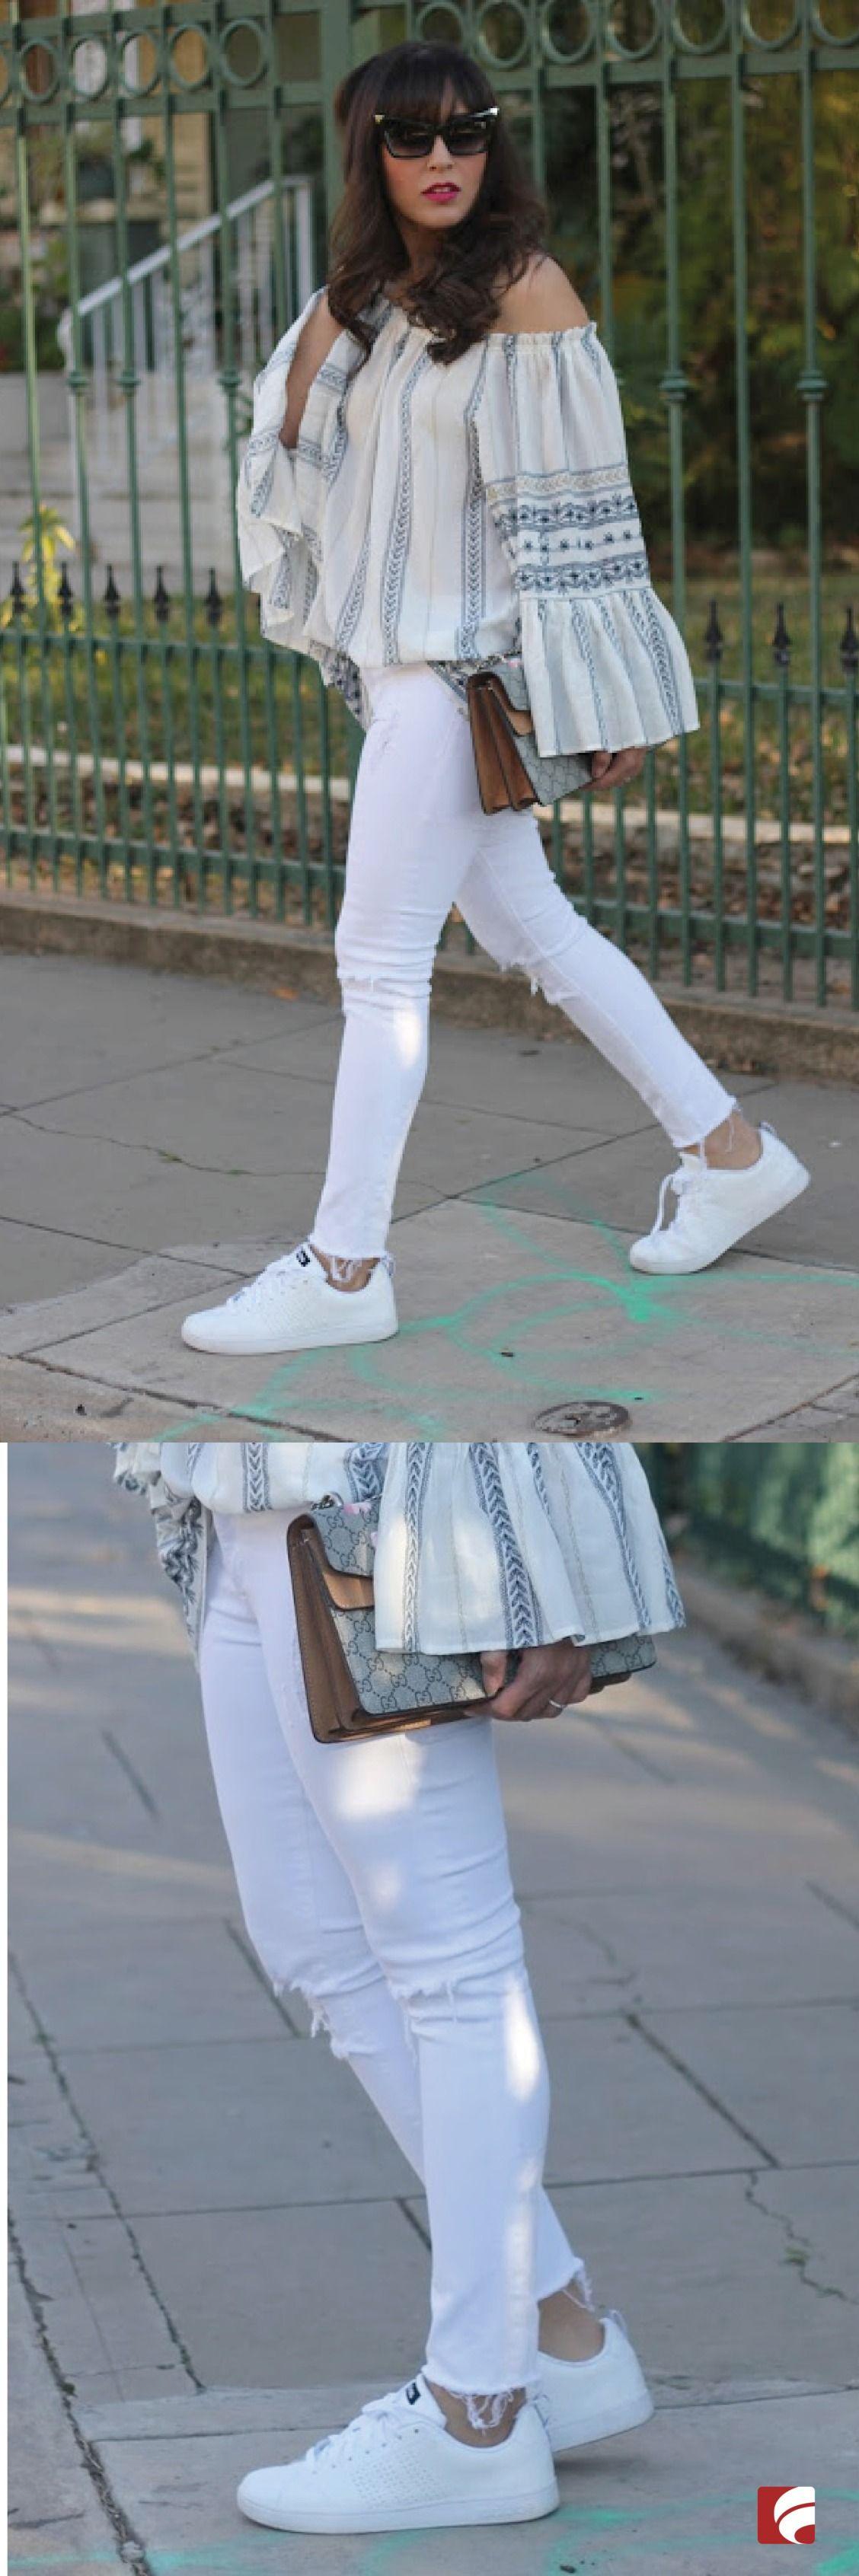 adidas cloudfoam advantage women's casual shoes